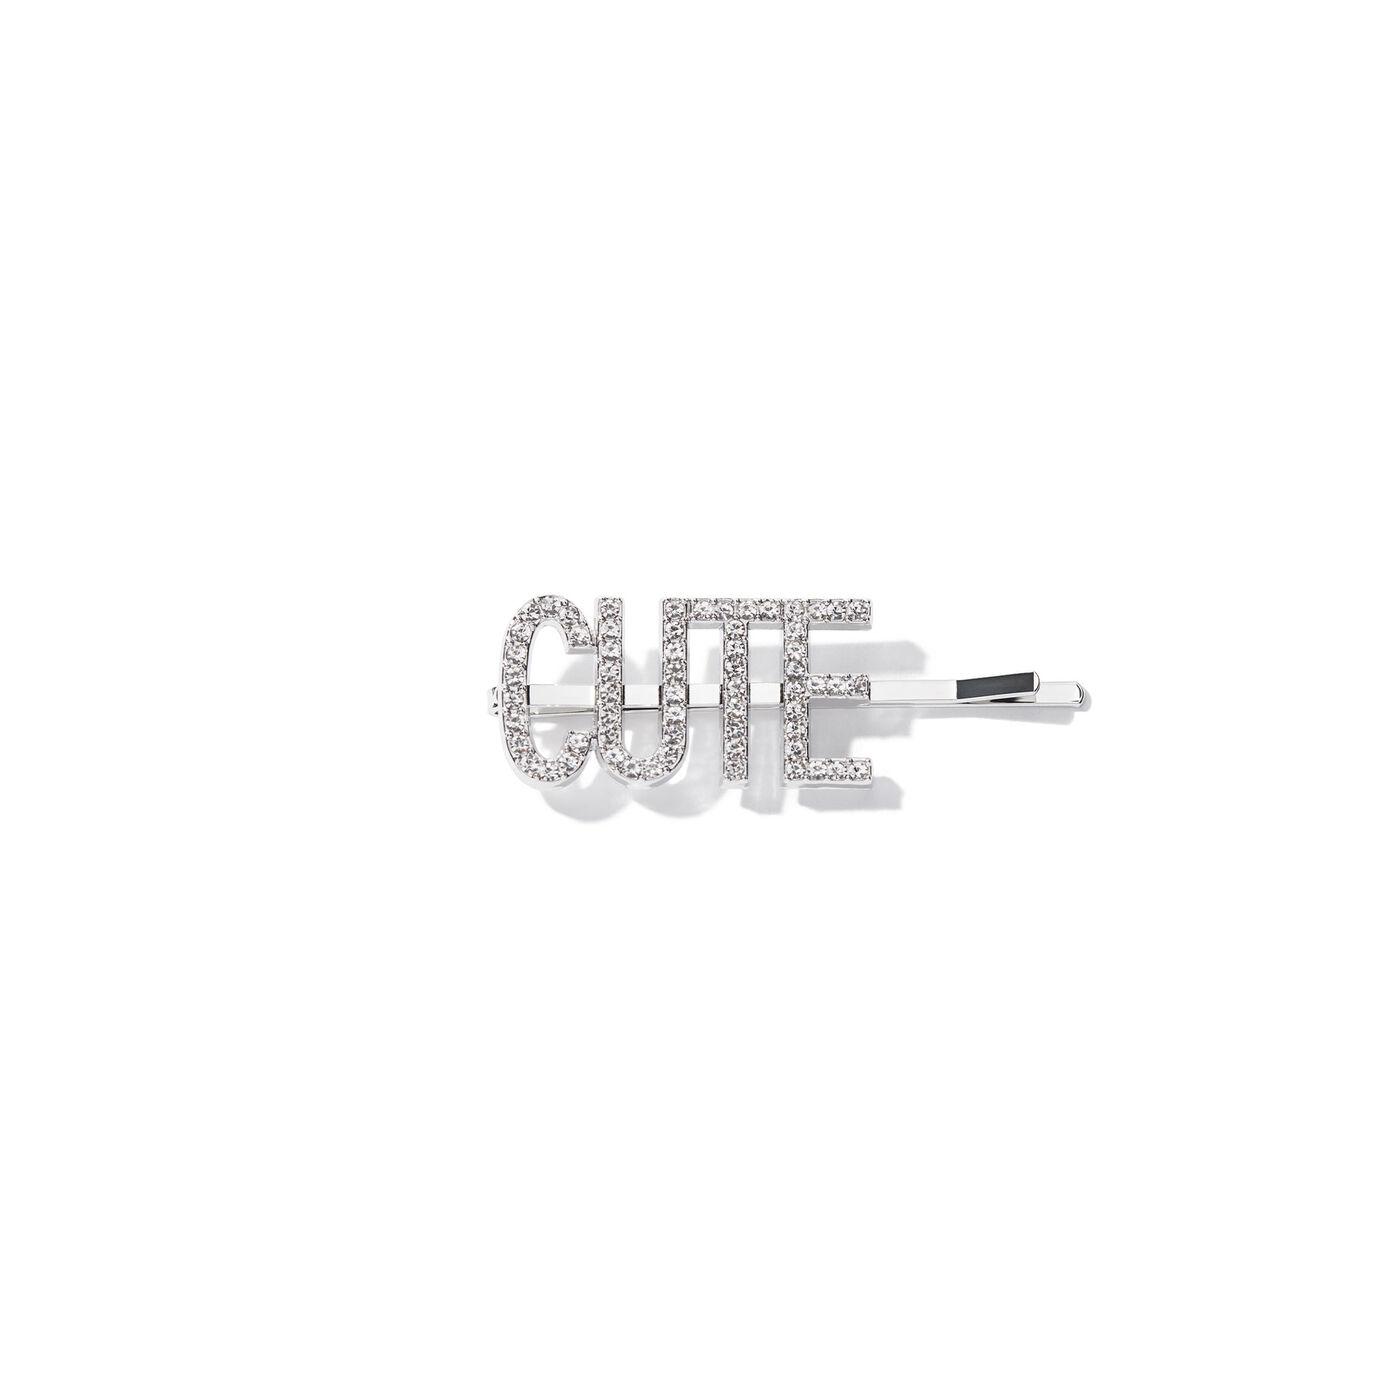 ABH Glam Hairpins - Silver Rhinestone Cute